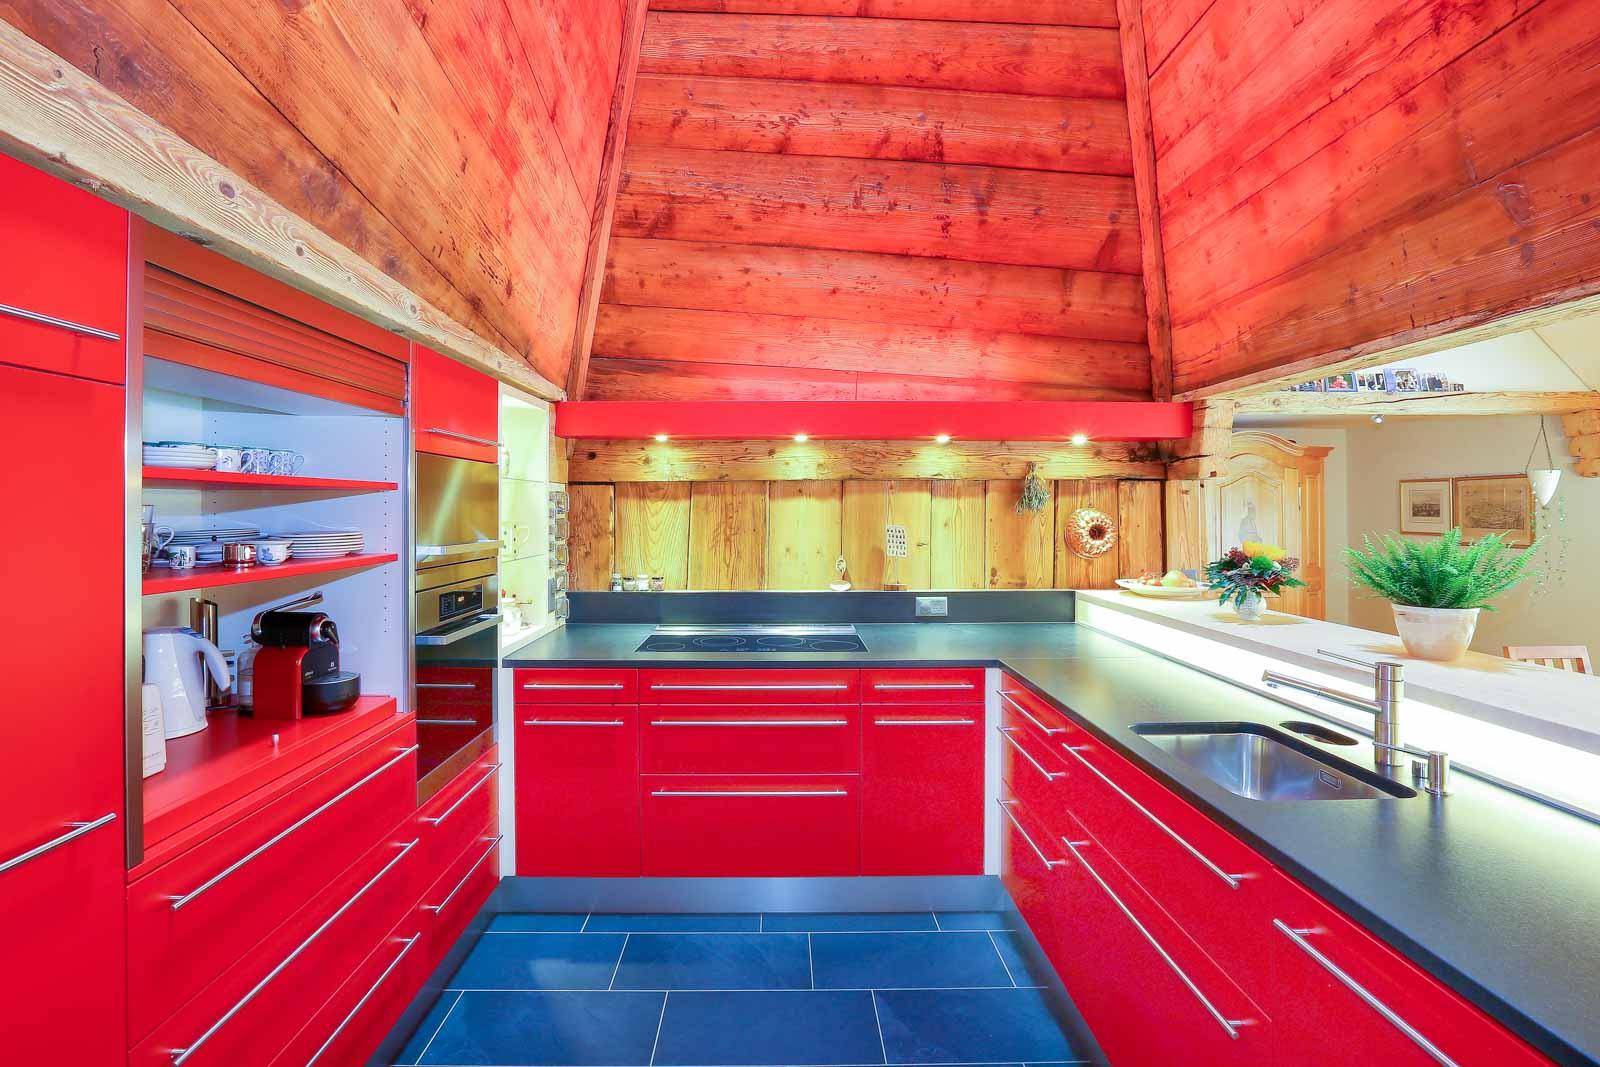 Wooddesign_Küchen_Umbau_Einbauküchen-modern_Altholz (4)